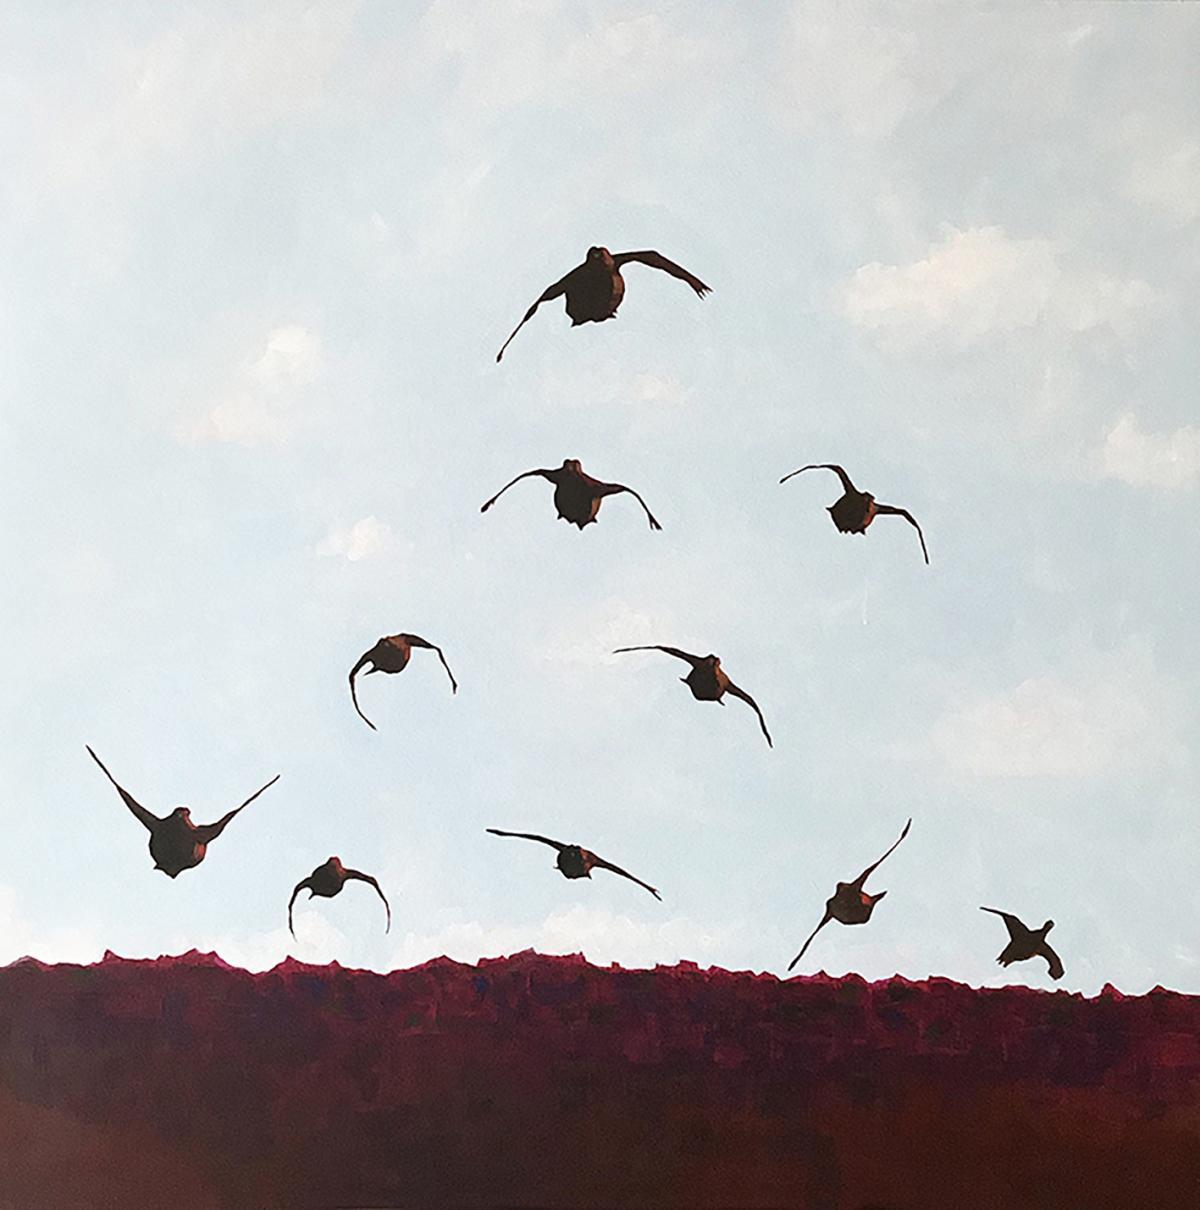 Inspiration all around - we speak with Richmondshire artist Tim ...